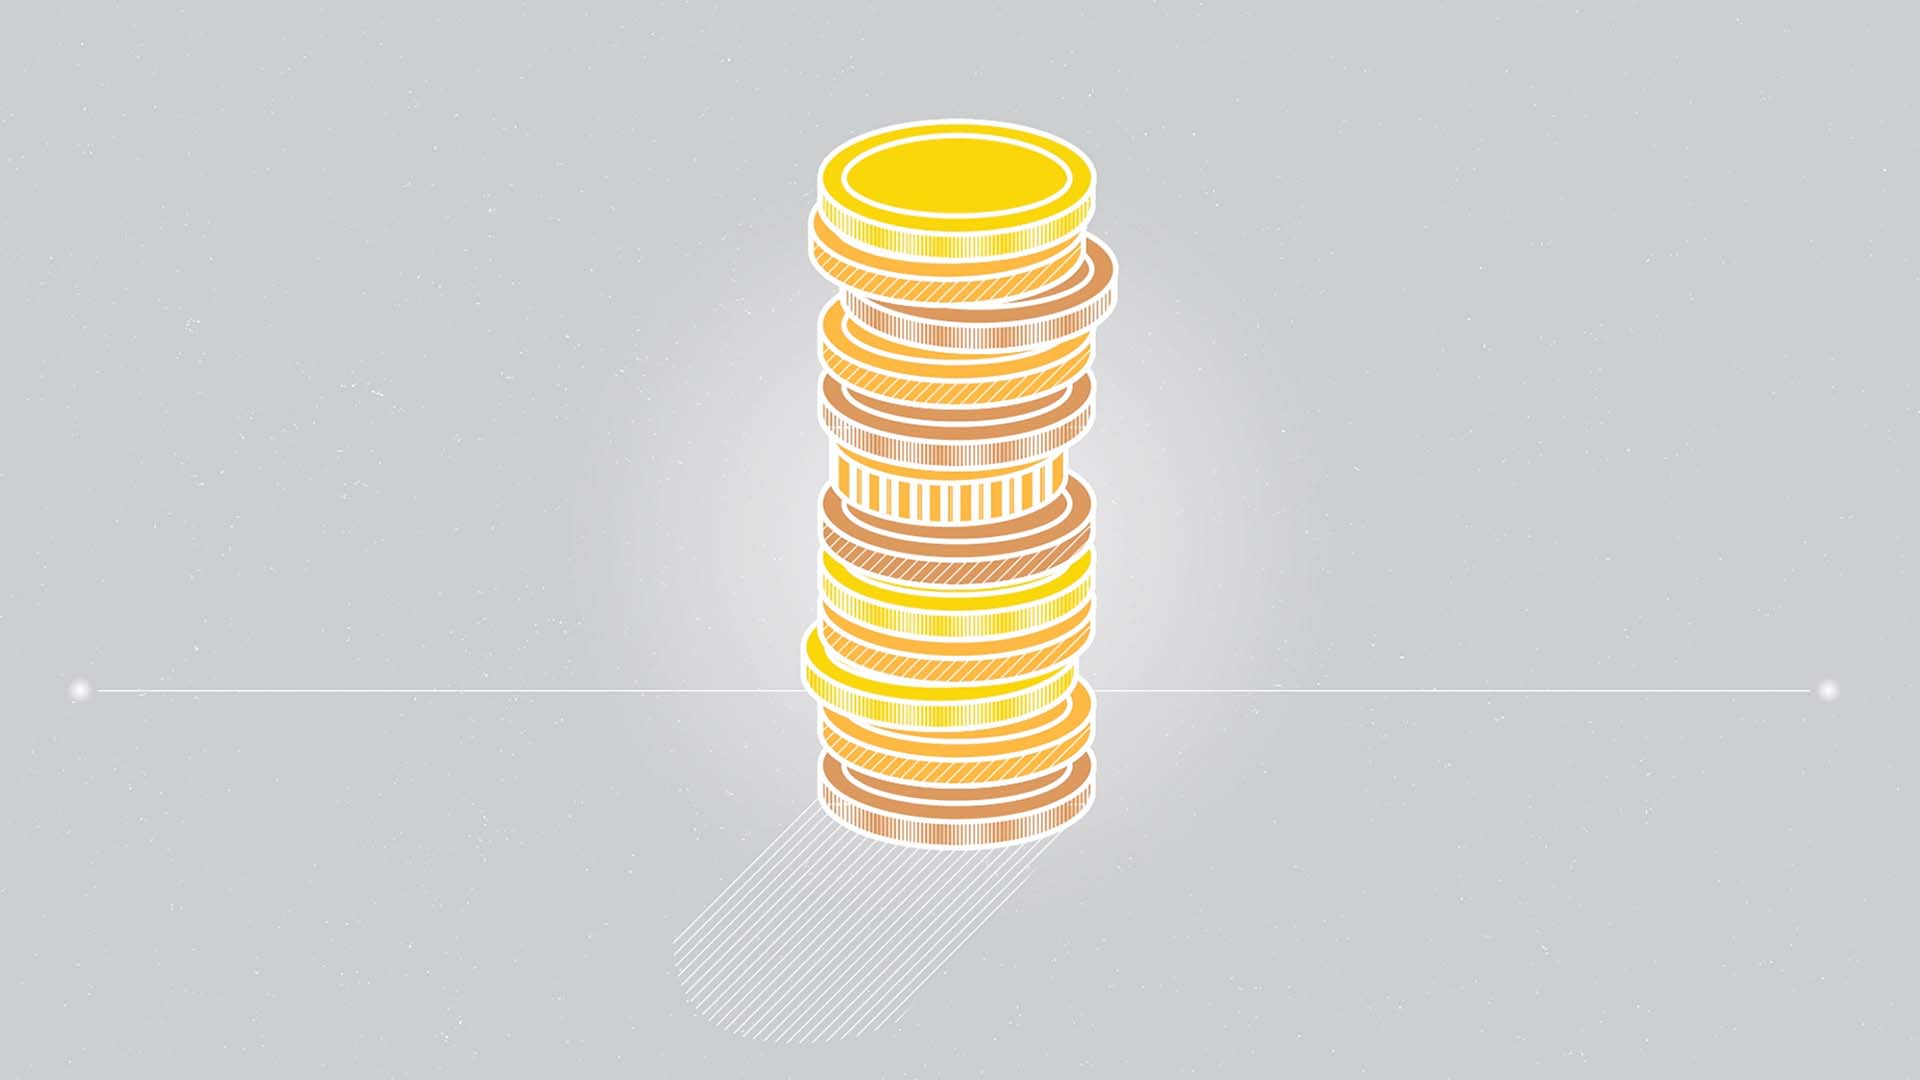 Das Bild zeigt einen Stapel Geldstücke. Sie sind Gold oder Bronze. Sie sind animiert und auf einen grauen gelegt. Das Bild dient als Sliderbild für den Portoflioeintrag MEDISinn Erklärfilm von Panda Pictures.